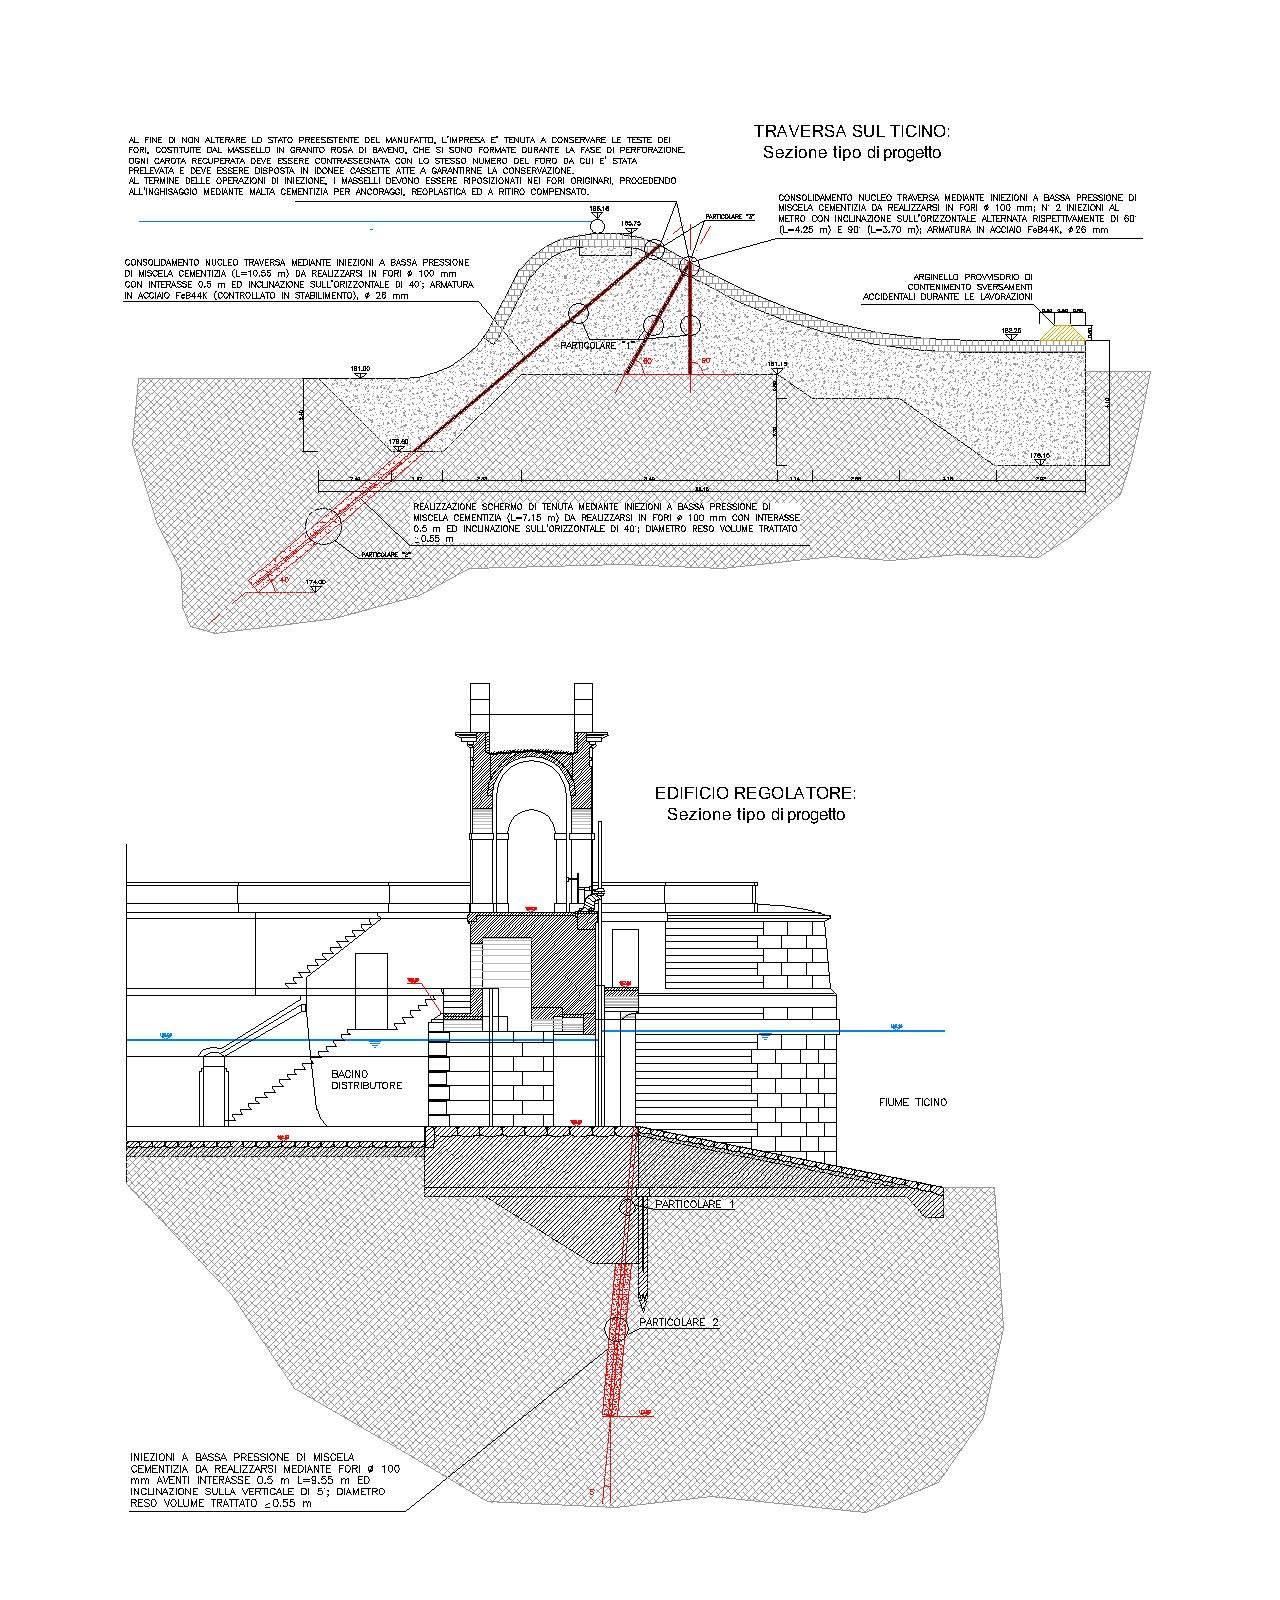 03 - Consolidamento nodo idraulico (2009)